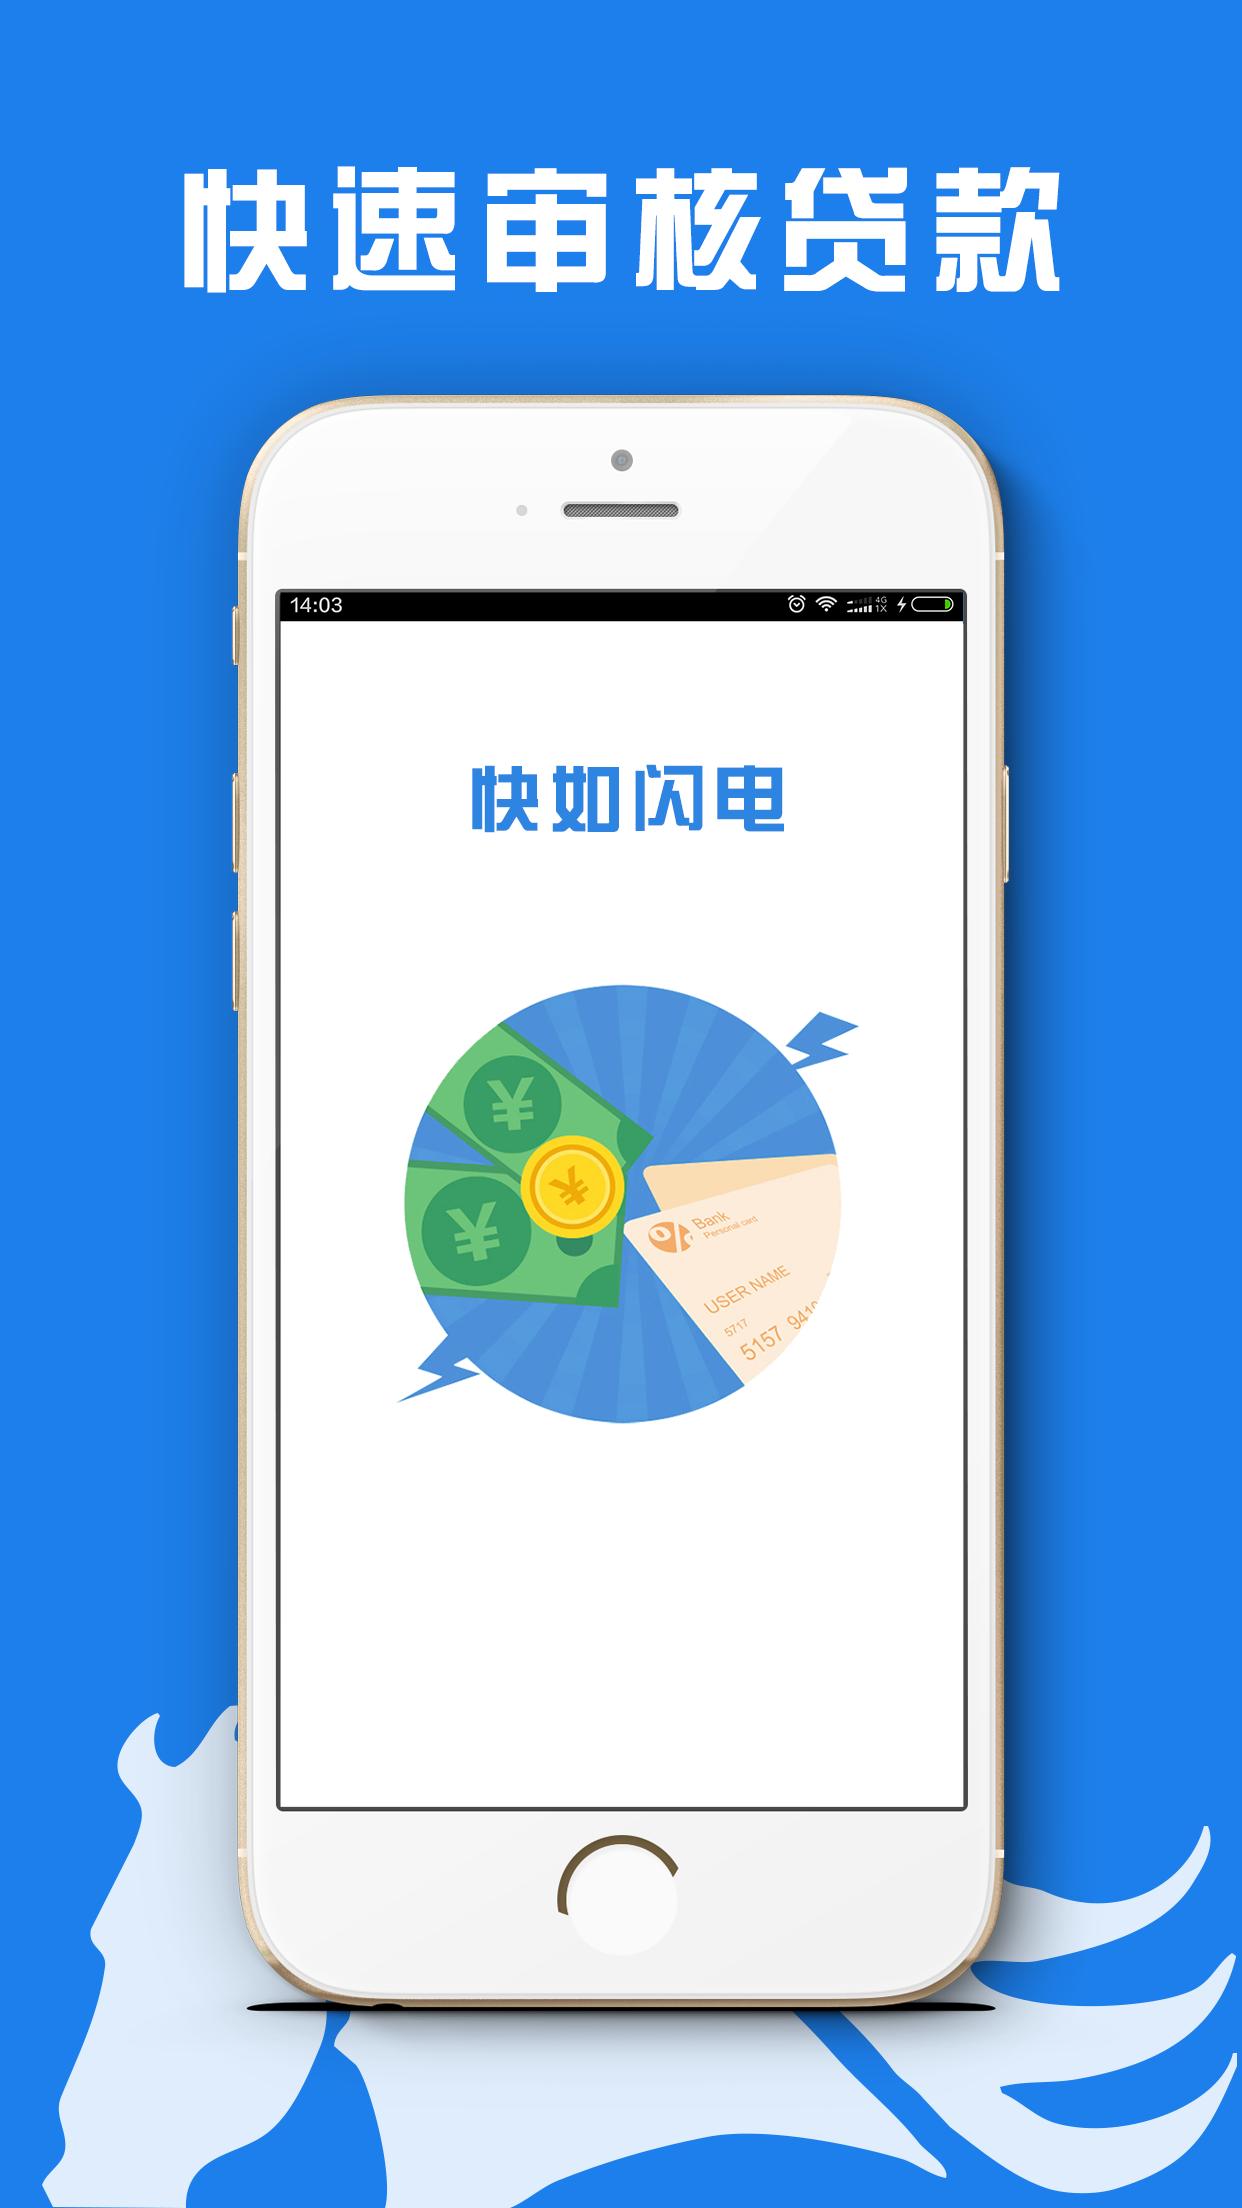 闪讯钱包贷款app官方手机版下载  v1.0.0图2